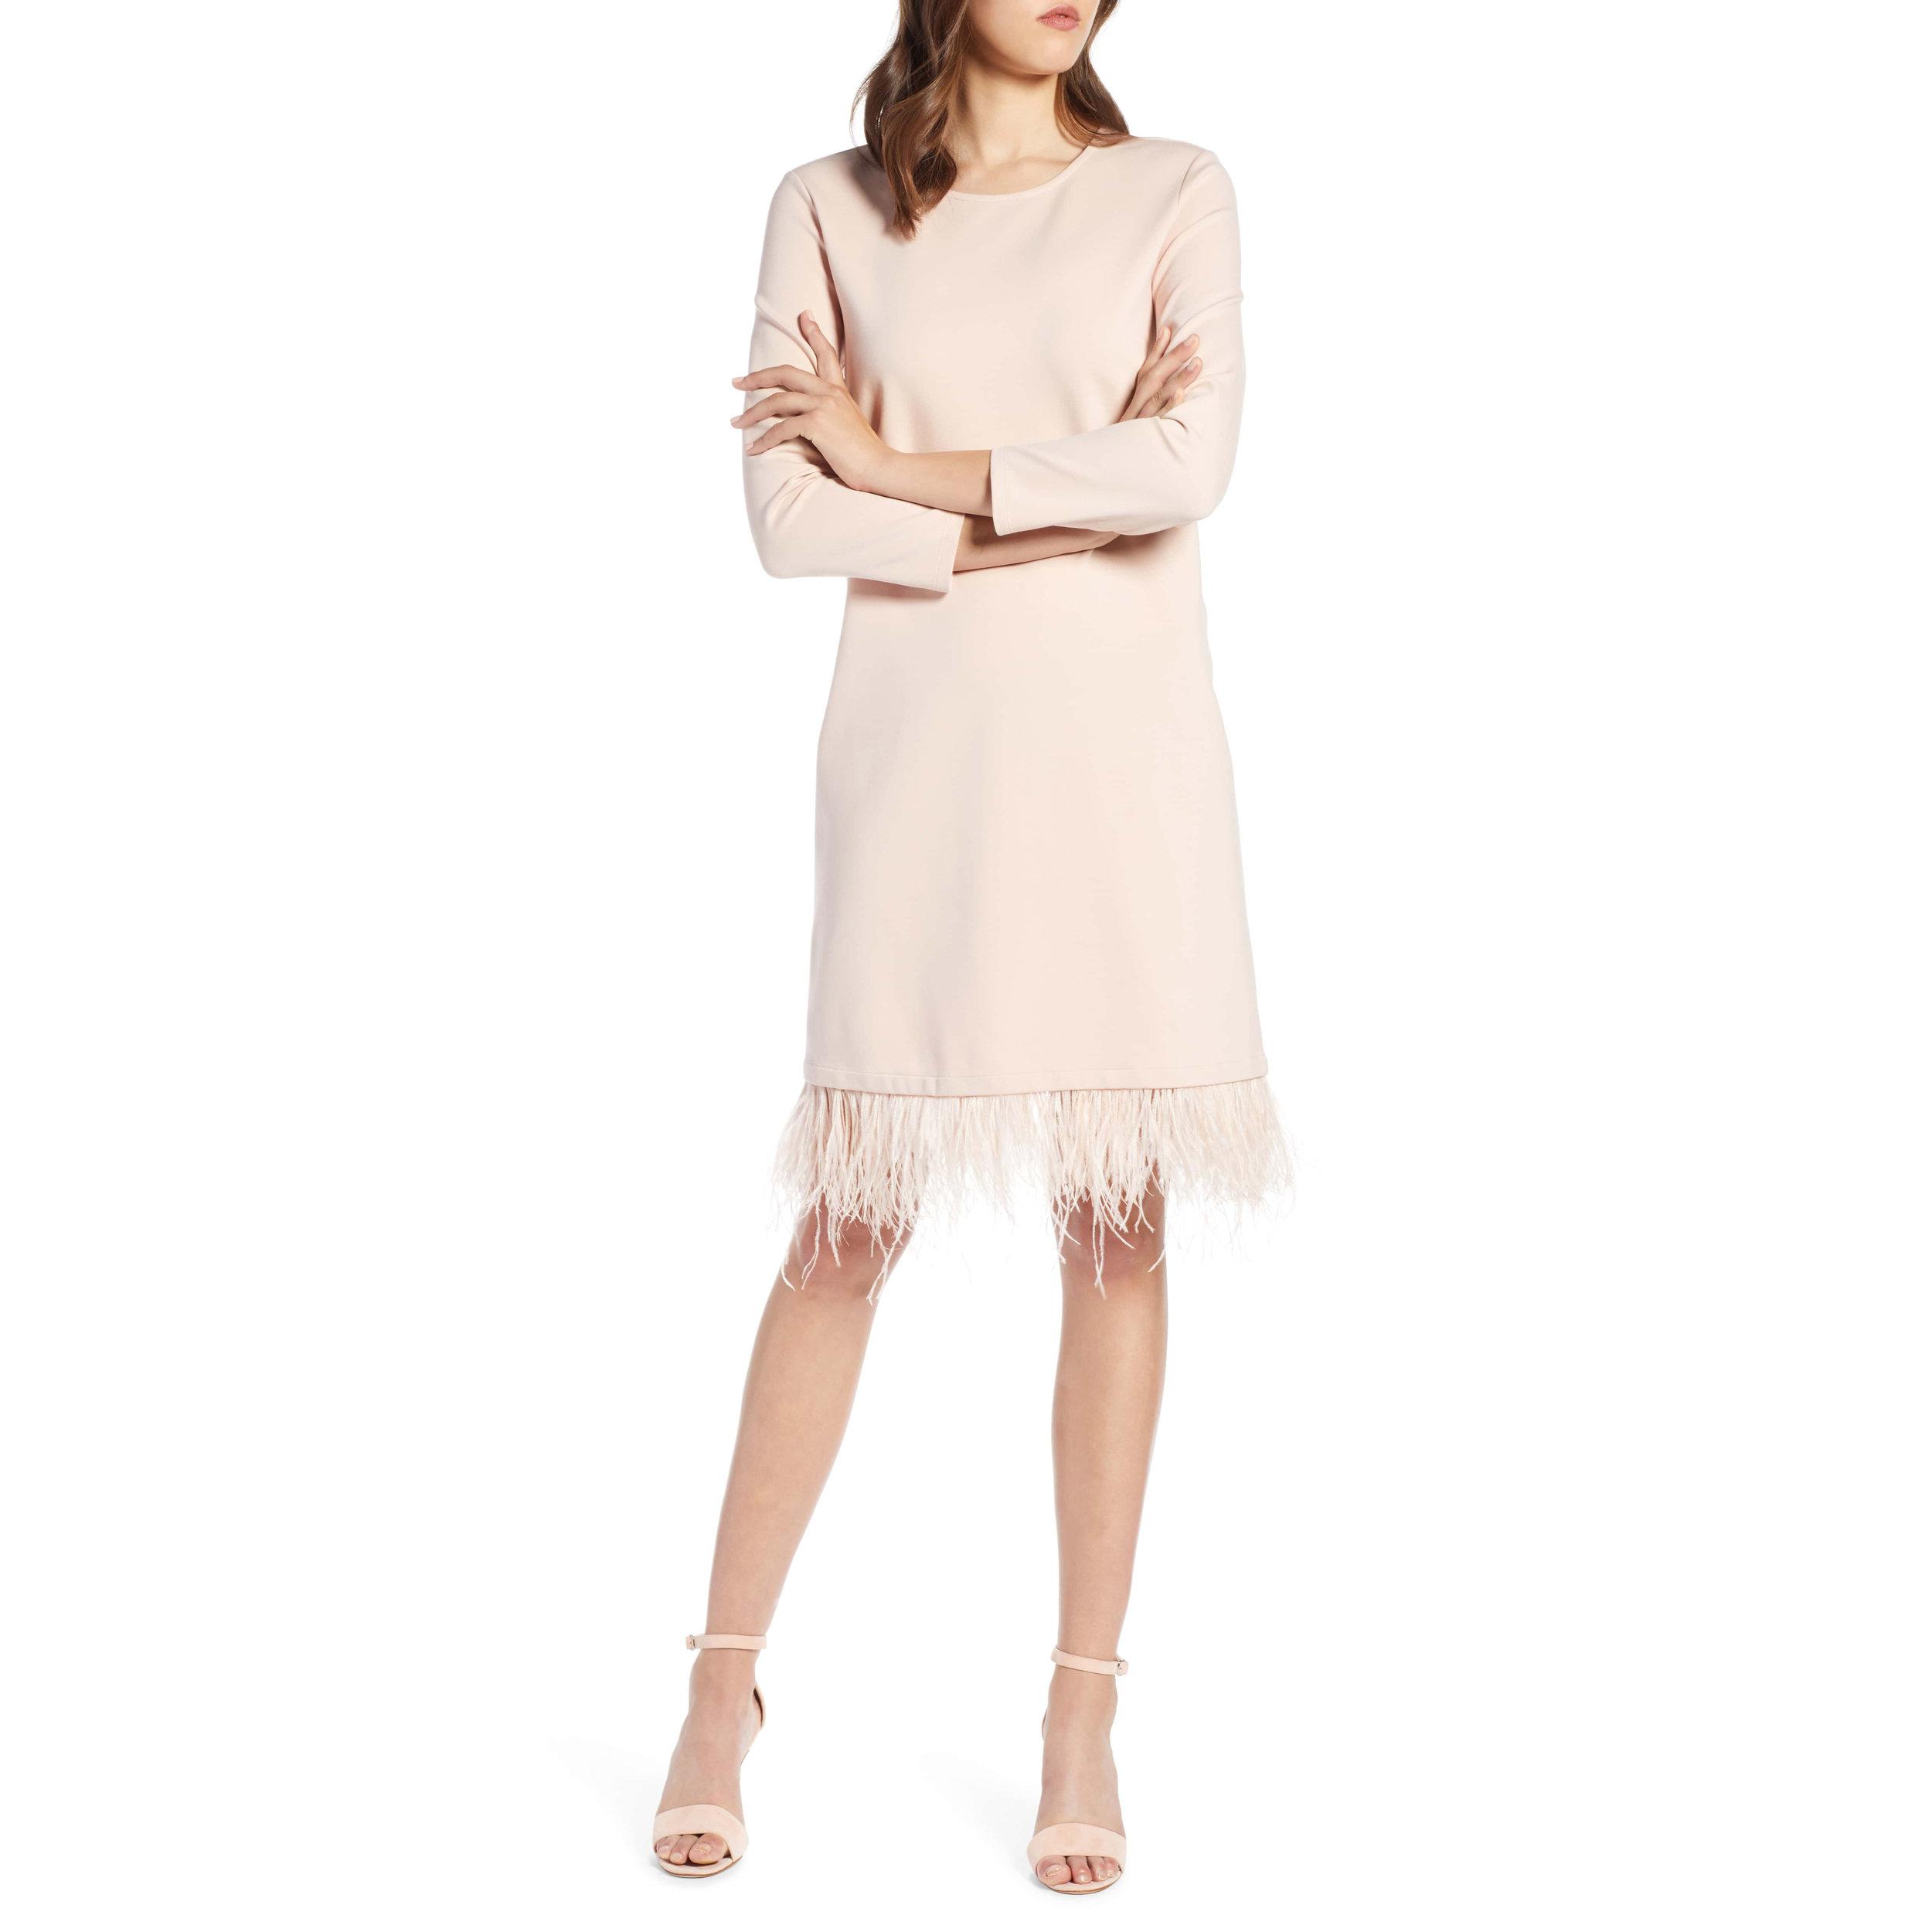 Halogen Ponte Feather Trim Shift Dress,Nordstrom, $129 -